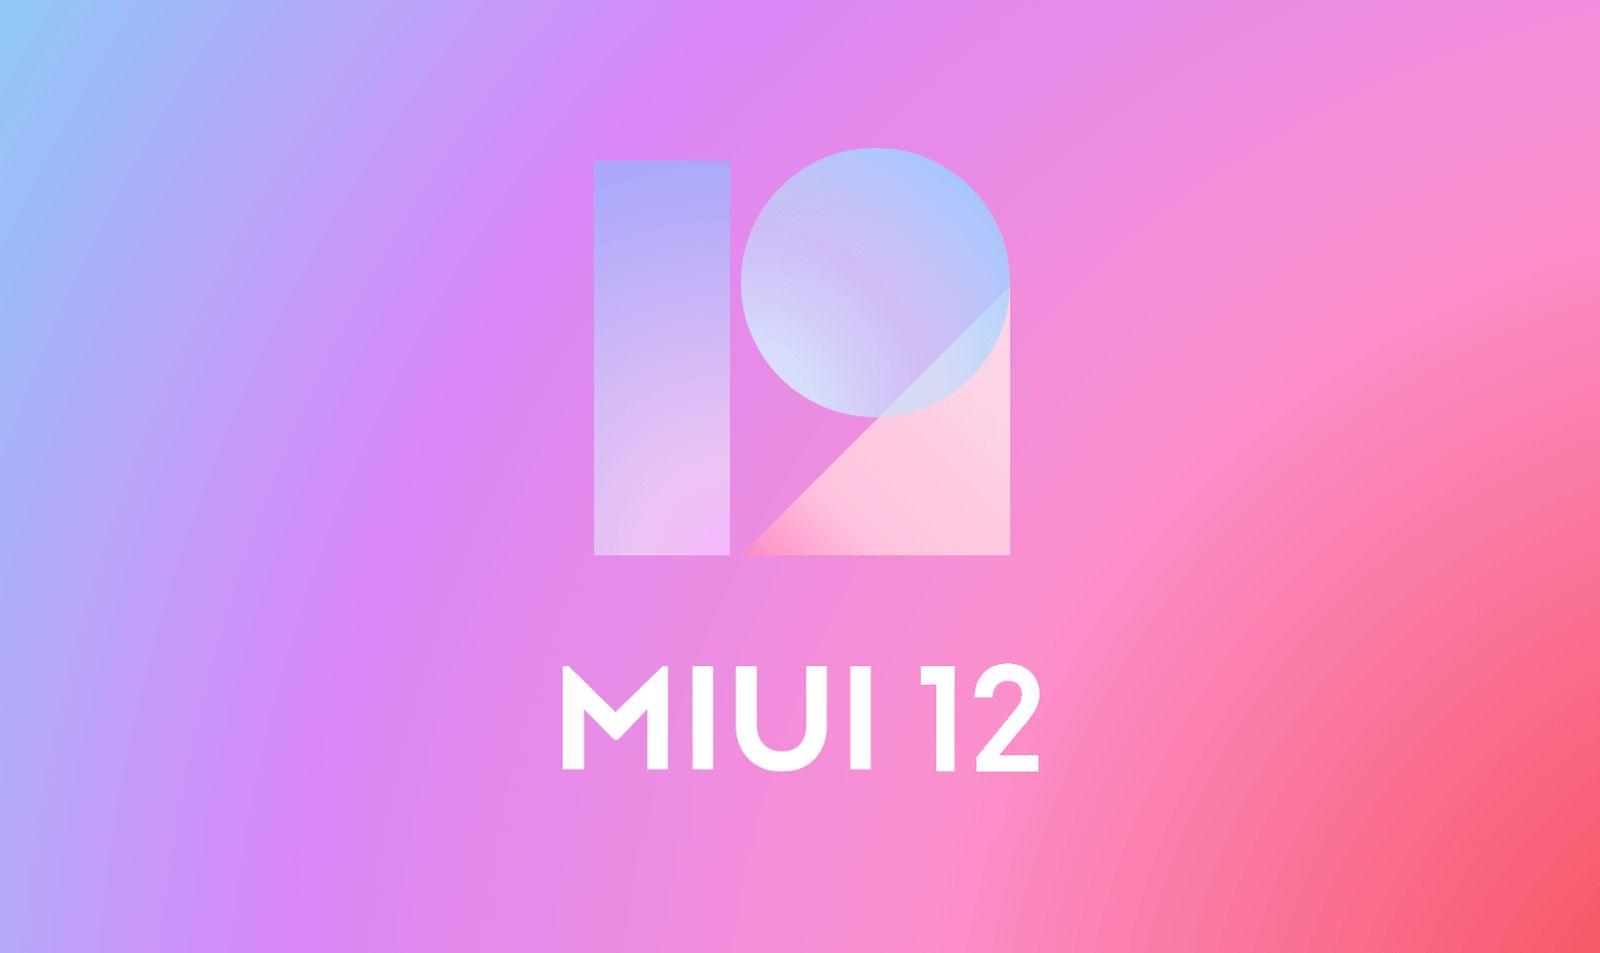 Последние новости об обновлении MIUI 12.5. Когда выйдет, какие телефоны получат, что изменится?